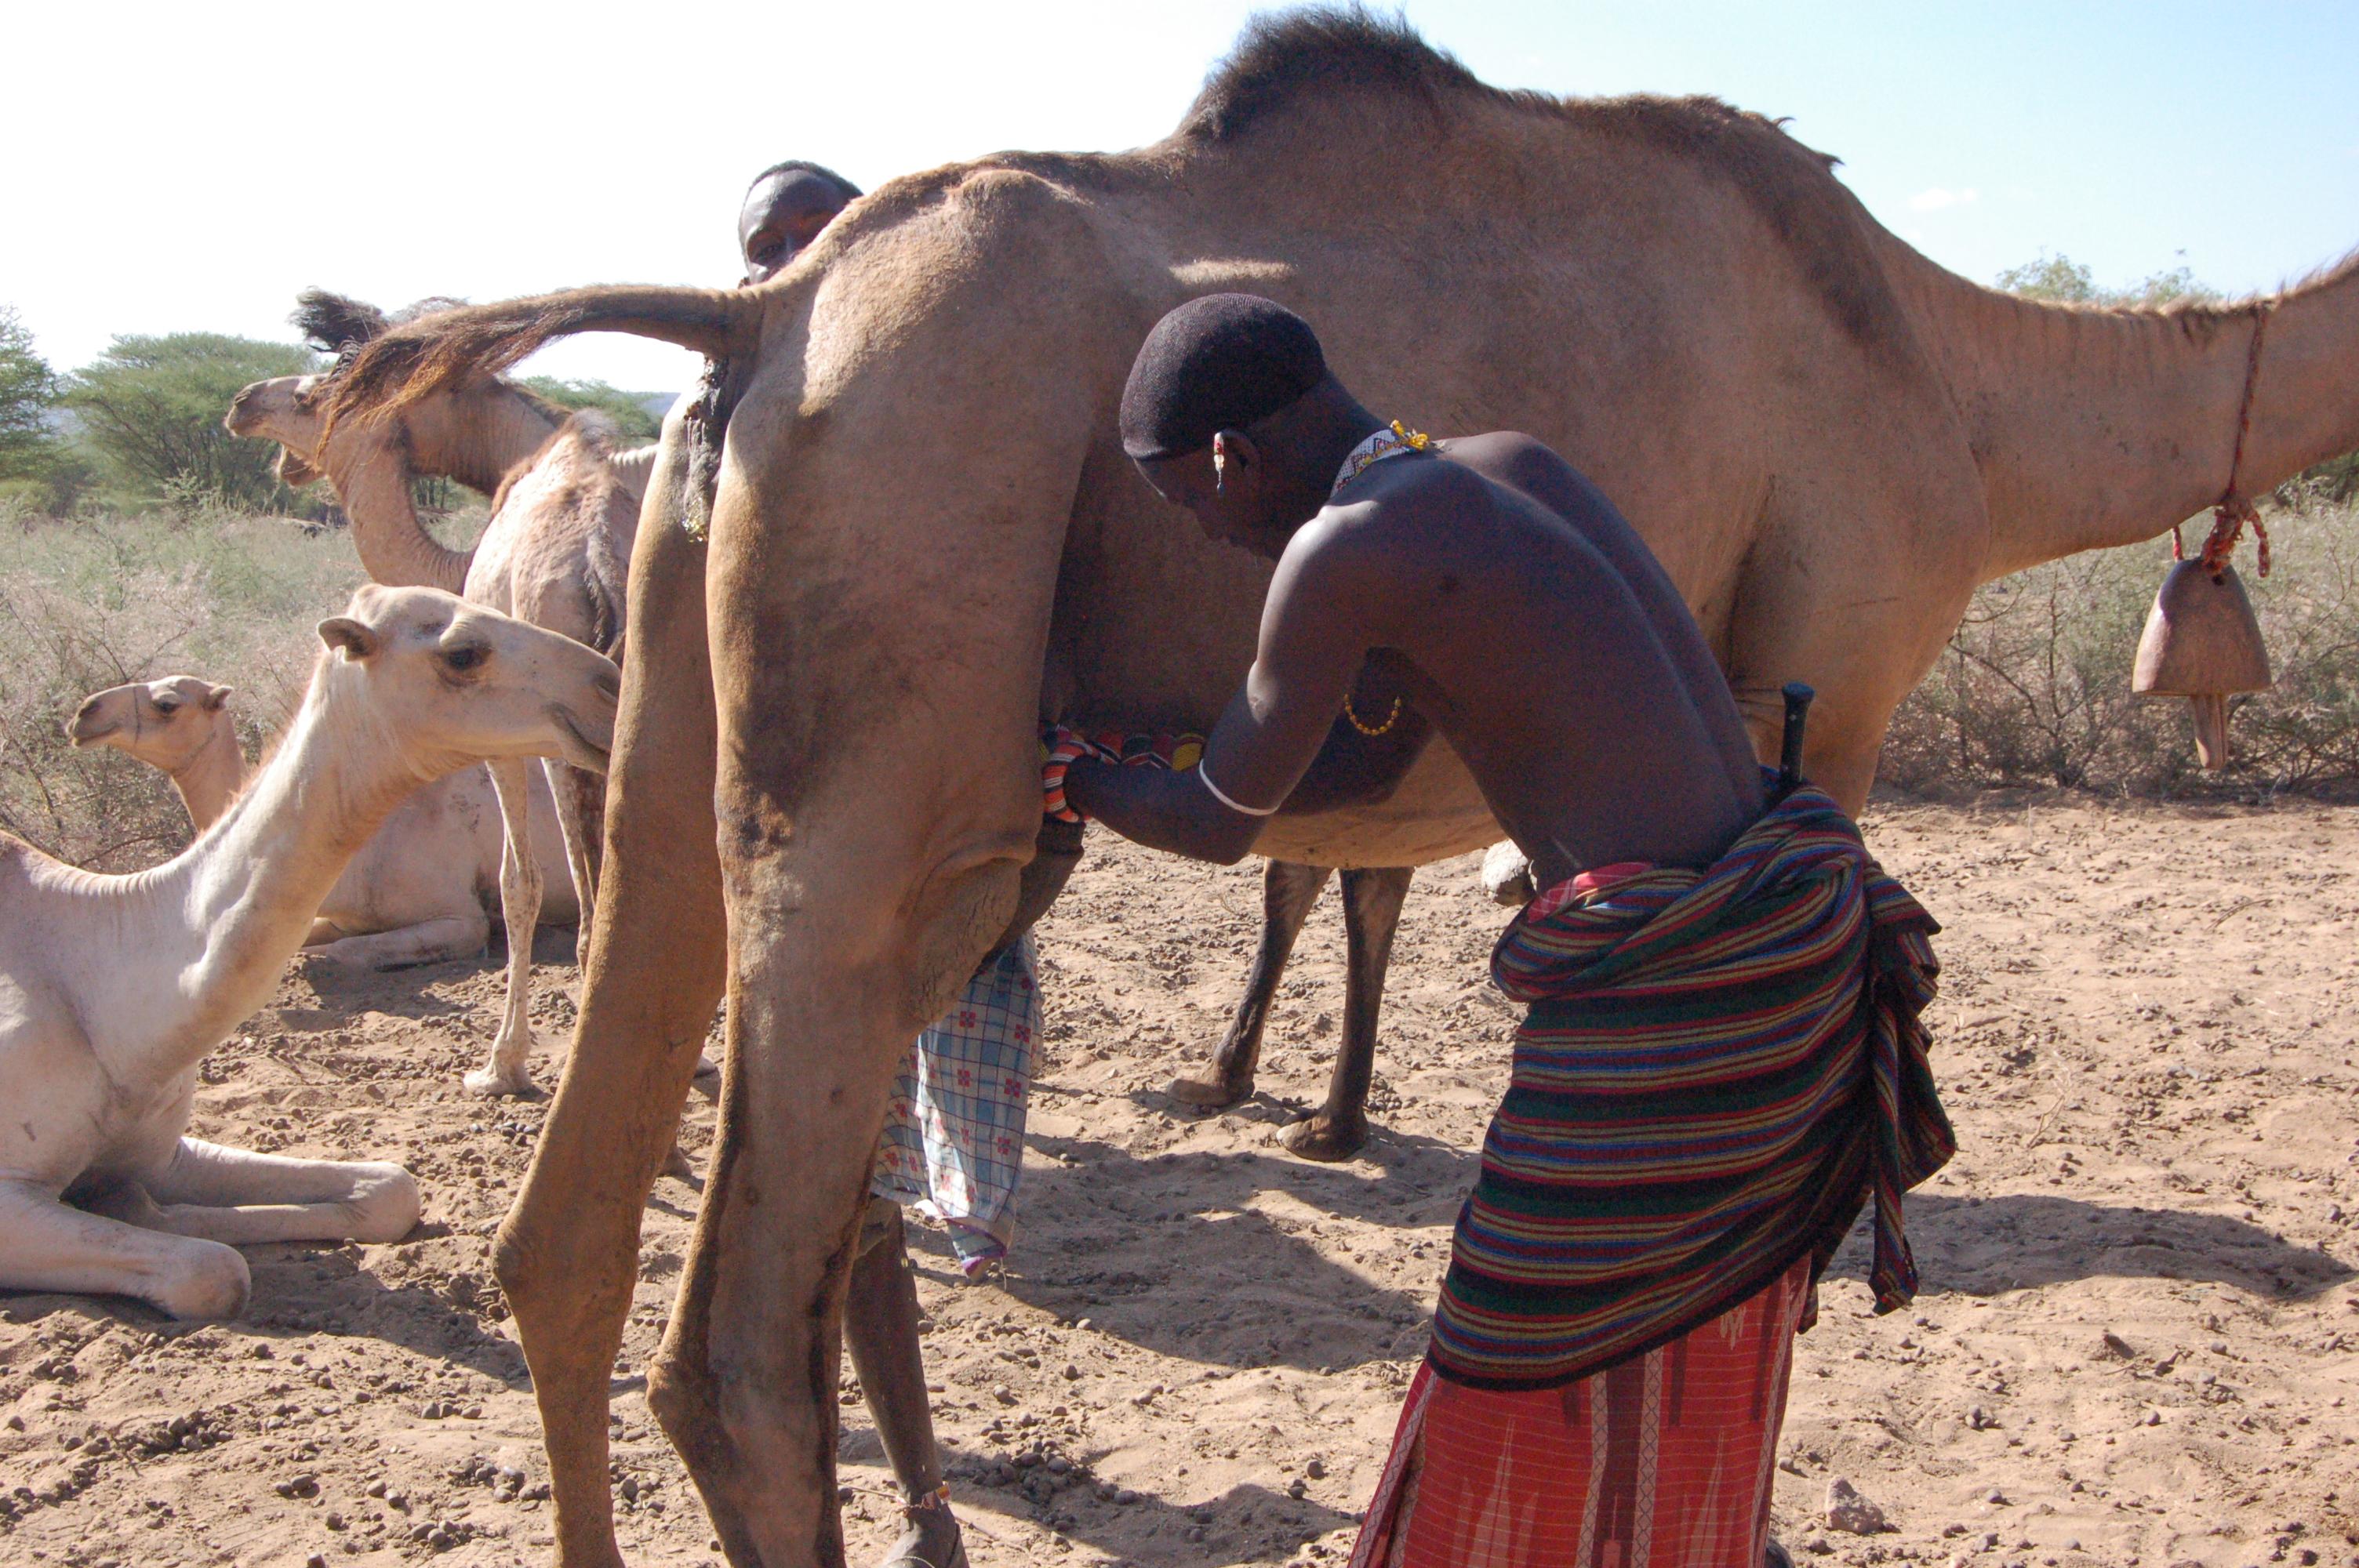 140929-4-lagarama-milking-camel